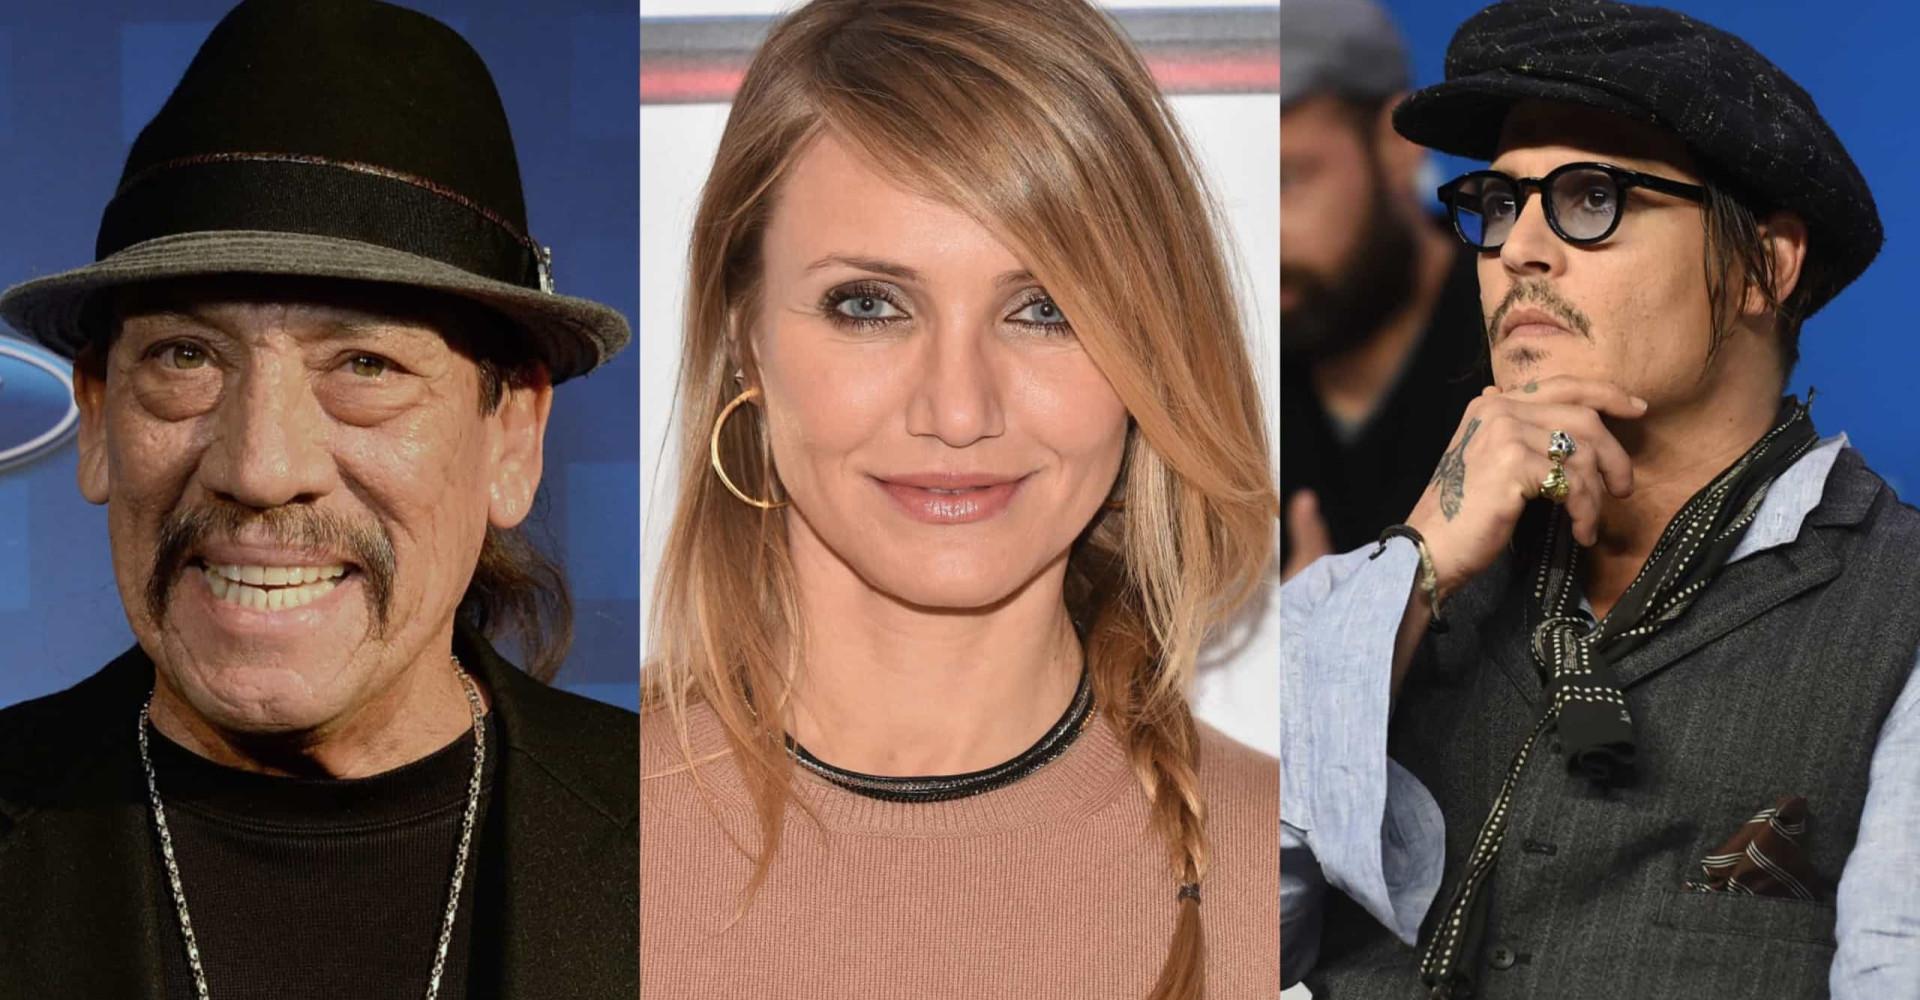 Typisch: Diese Hollywoodstars spielen immer die gleichen Rollen